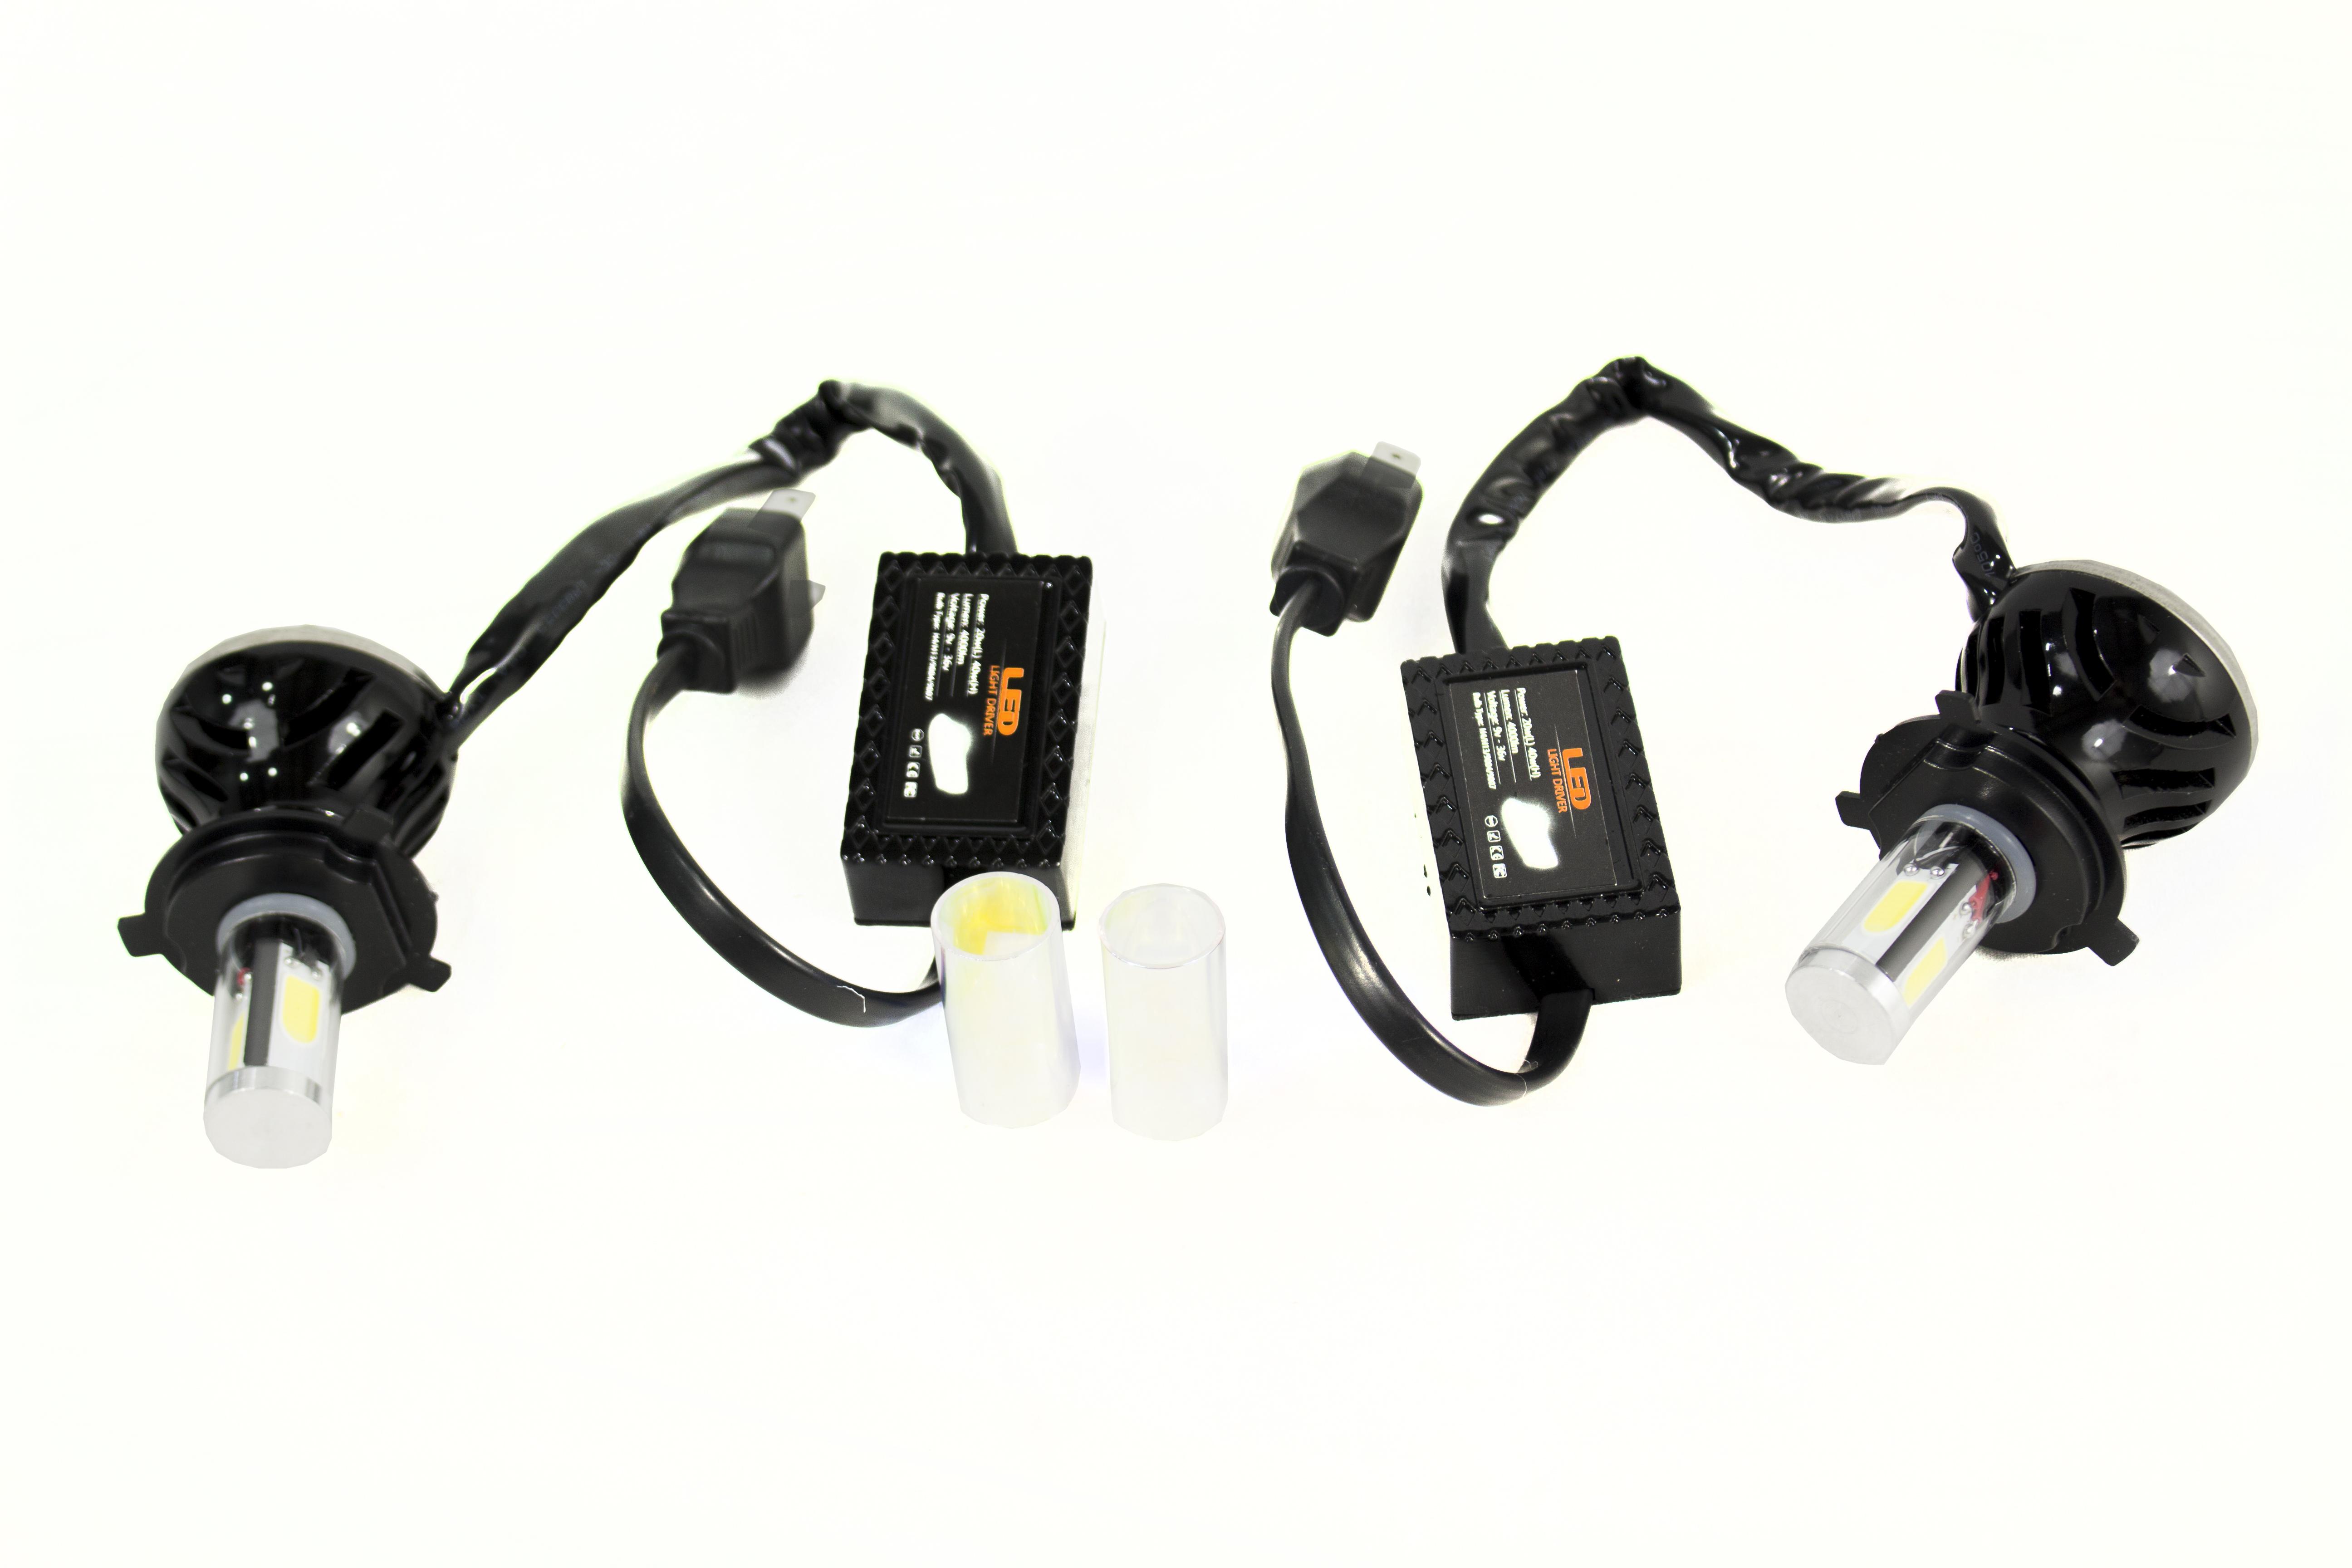 Race Sport Lighting H13-360LED H13-3 HI/LO True 360 Series LED Headlight Conversion Kits